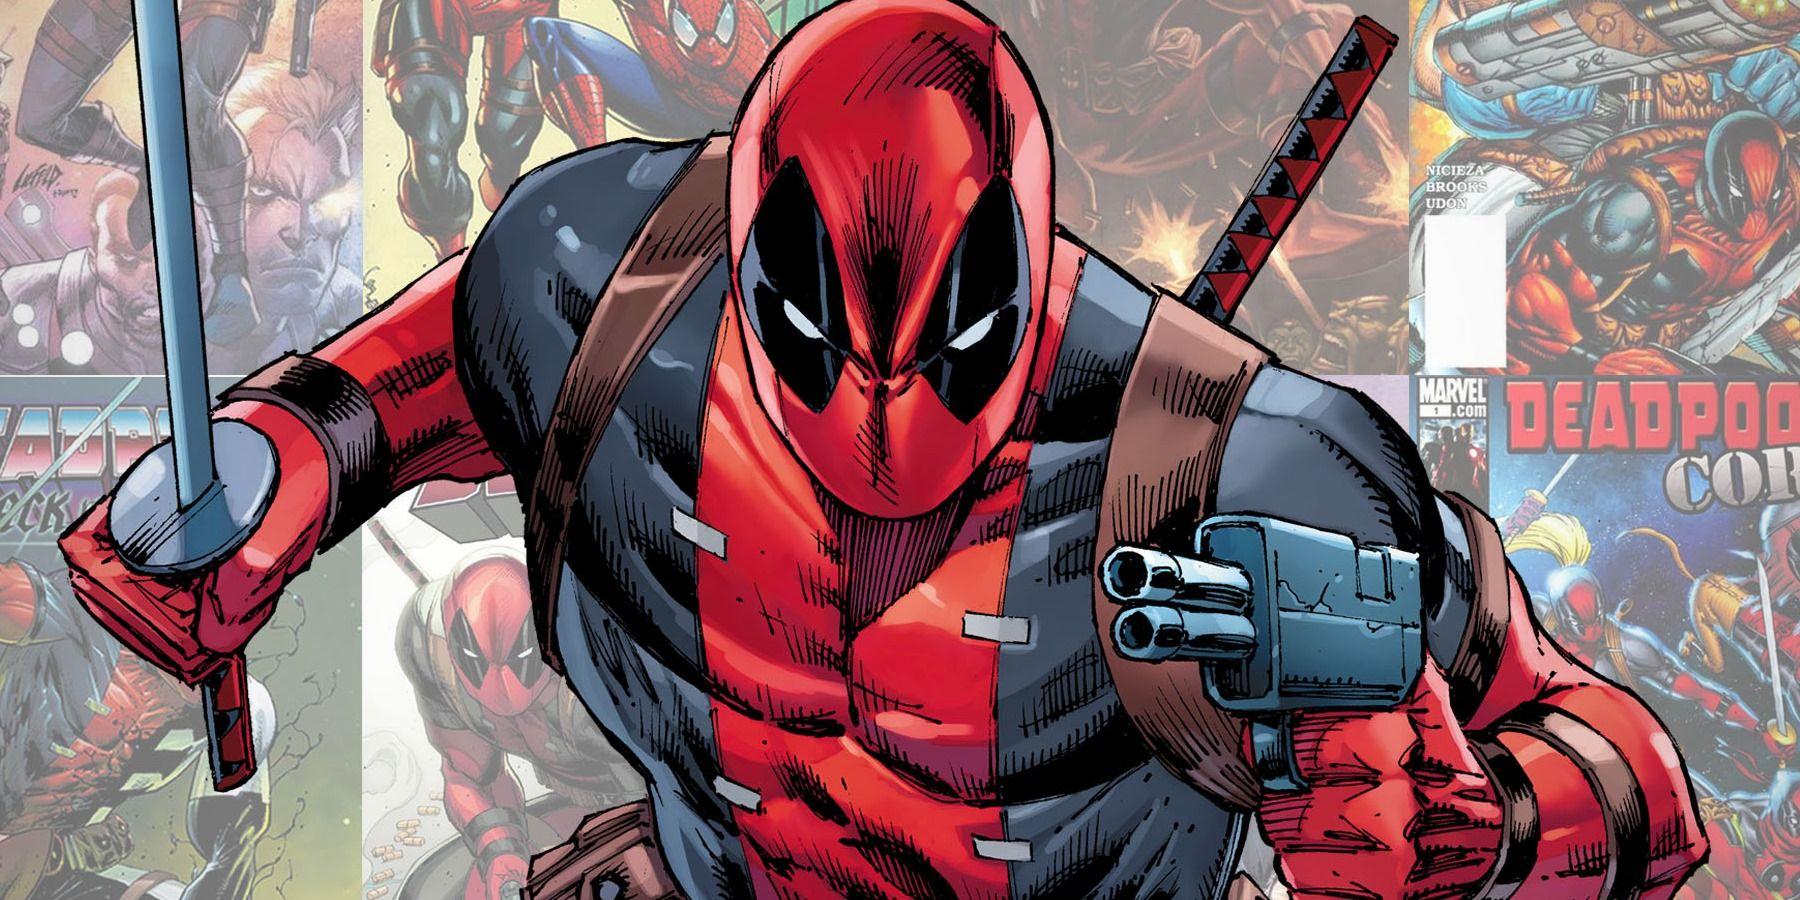 Deadpool Comics - Reboot